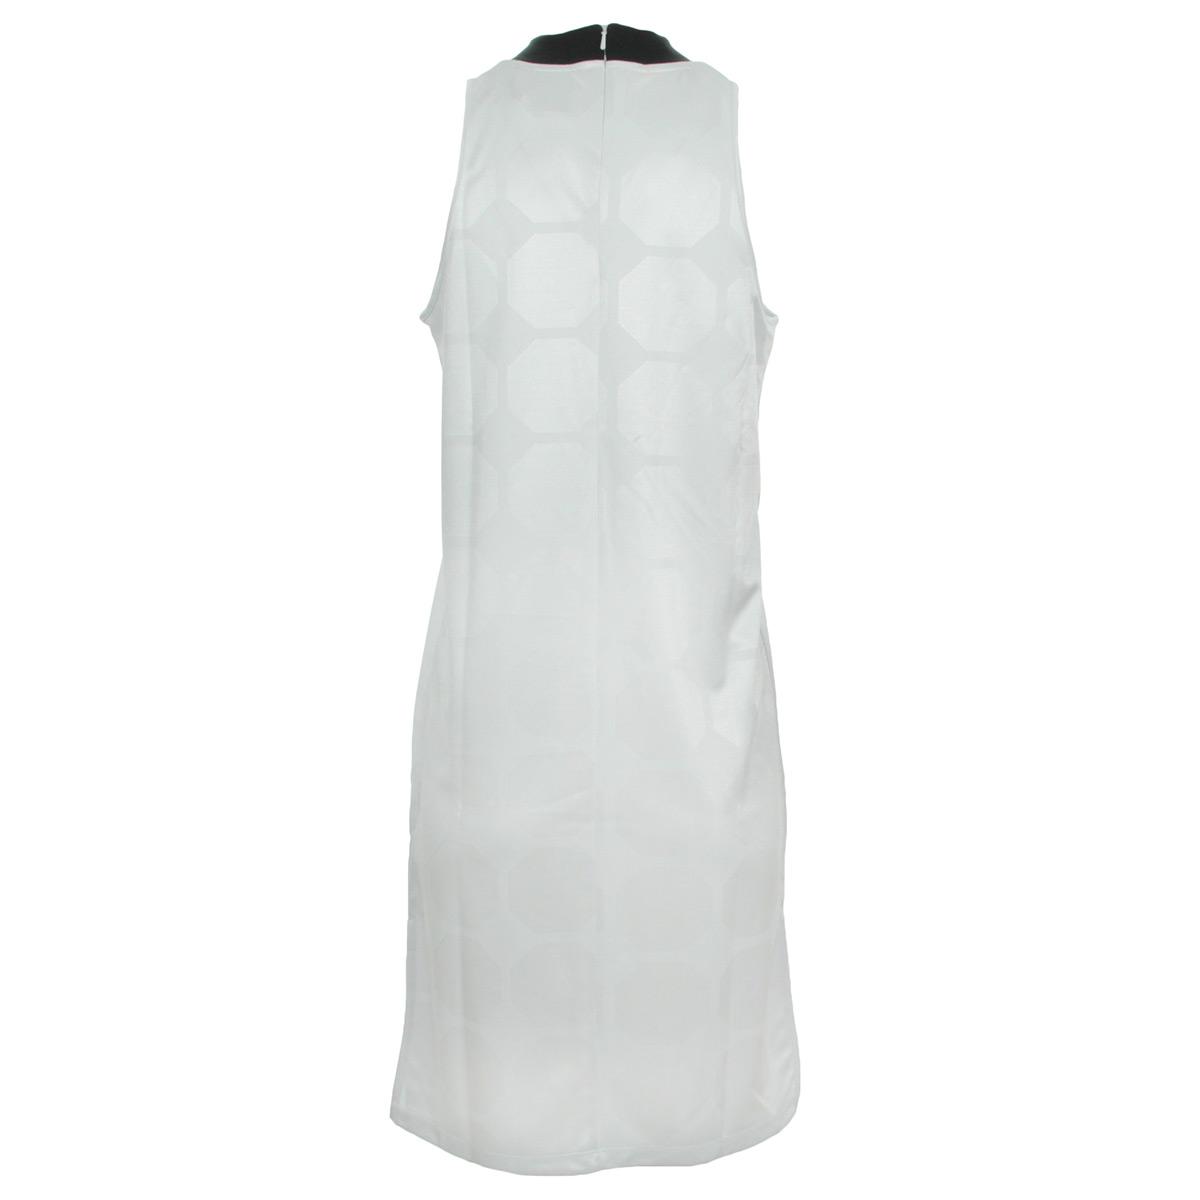 4220aa72fec5 Femme · Chaussures Enfant · Vêtements Homme · Vêtements Enfant · CGV. adidas  Fashion League Dress